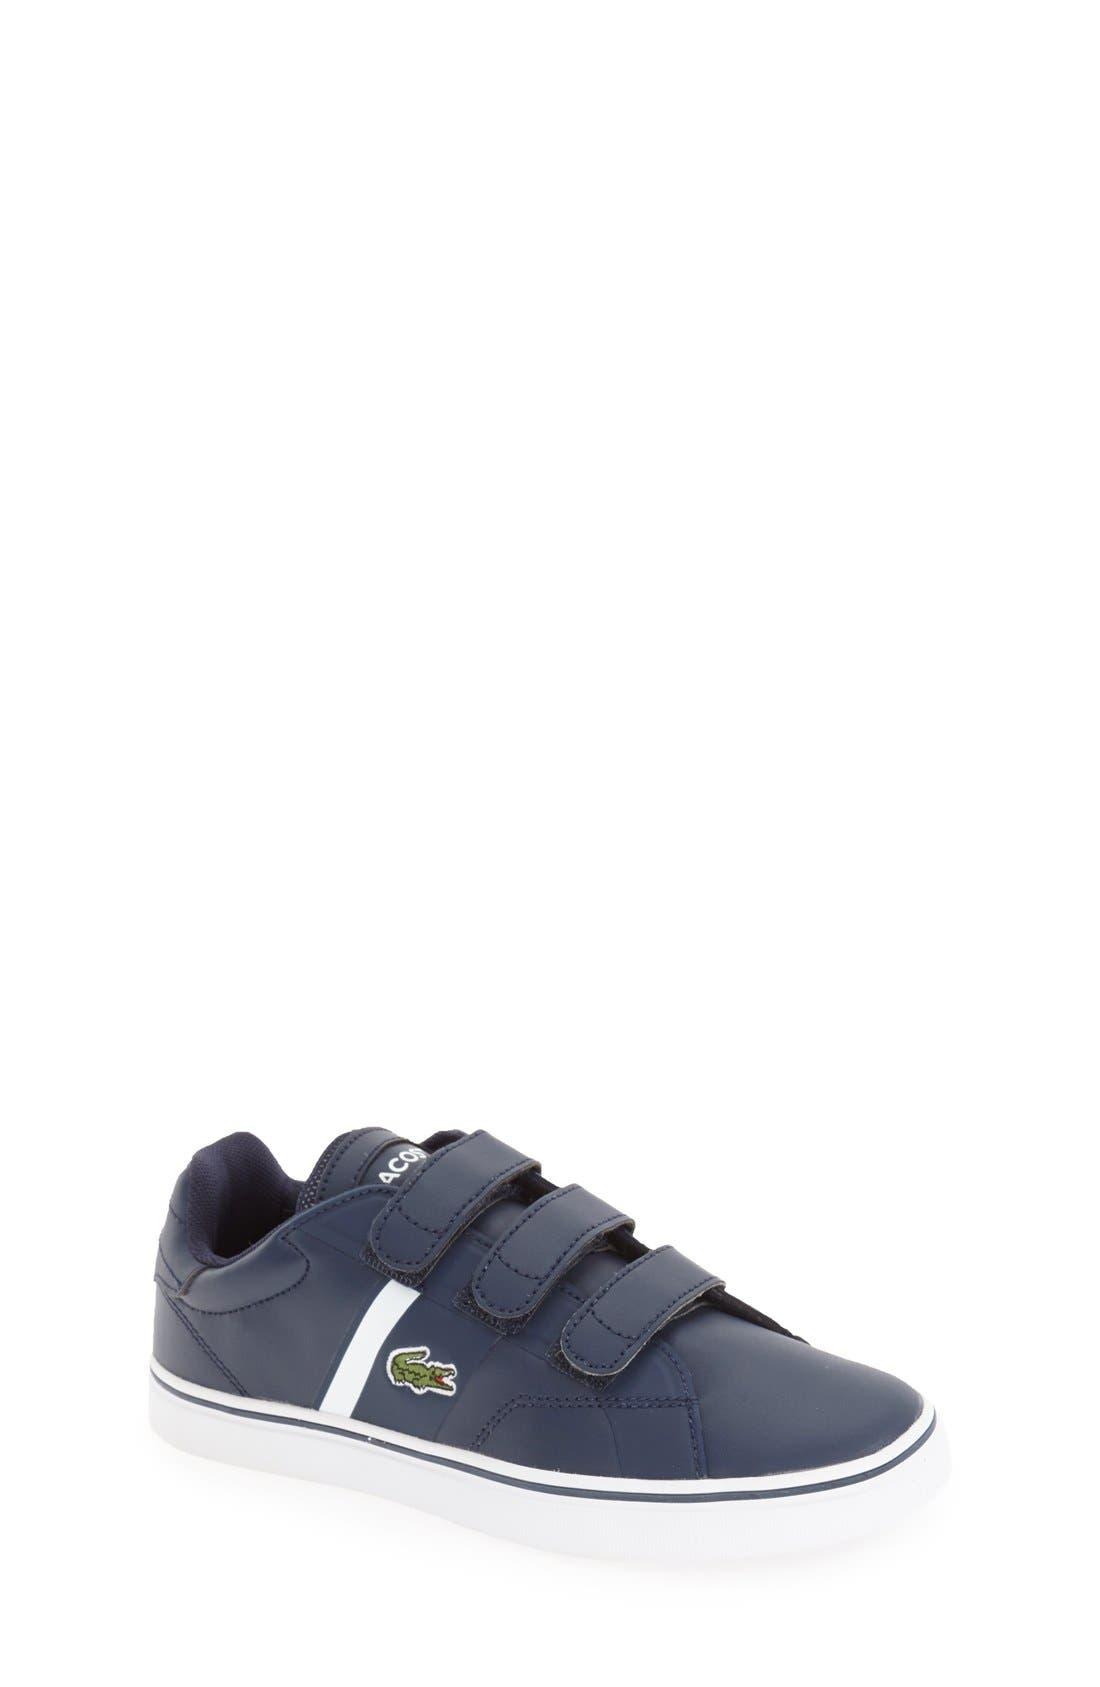 Lacoste 'Fairlead' Sneaker (Toddler & Little Kid)